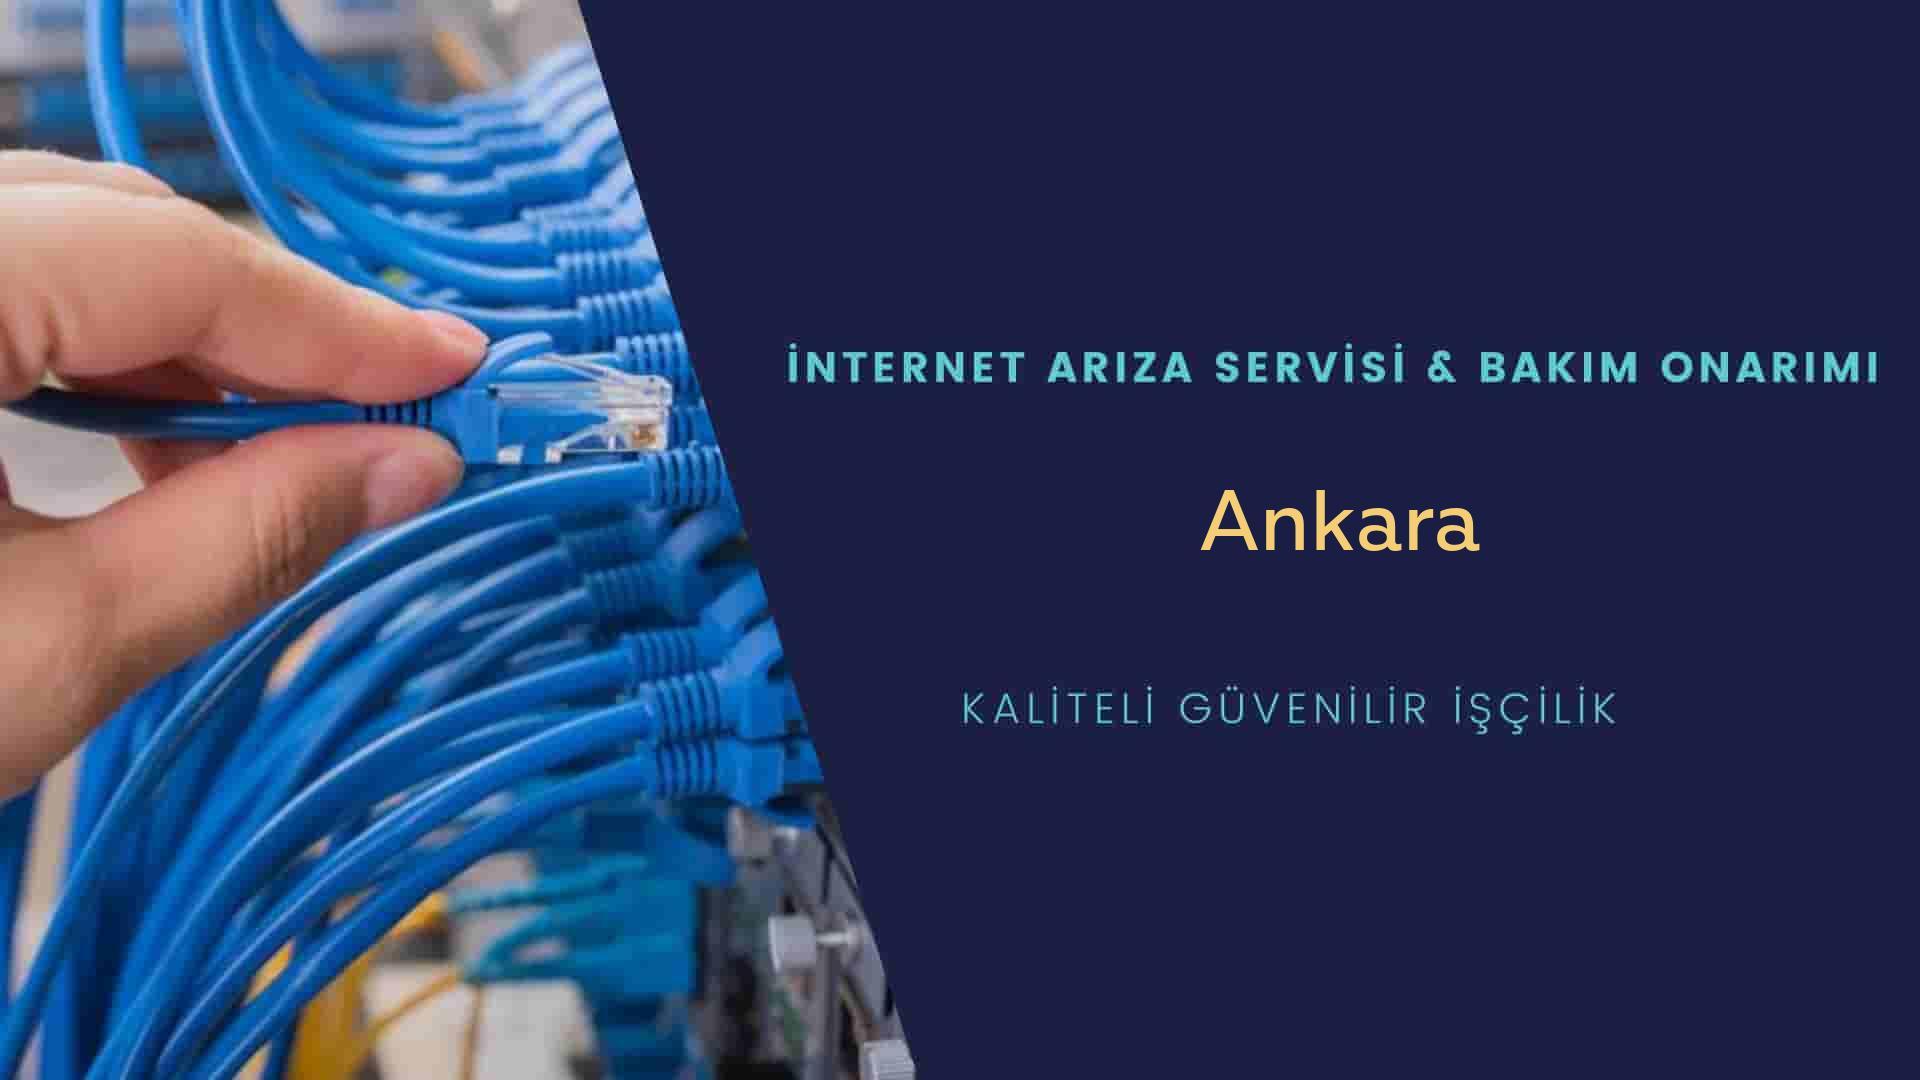 Ankara internet kablosu çekimi yapan yerler veya elektrikçiler mi? arıyorsunuz doğru yerdesiniz o zaman sizlere 7/24 yardımcı olacak profesyonel ustalarımız bir telefon kadar yakındır size.